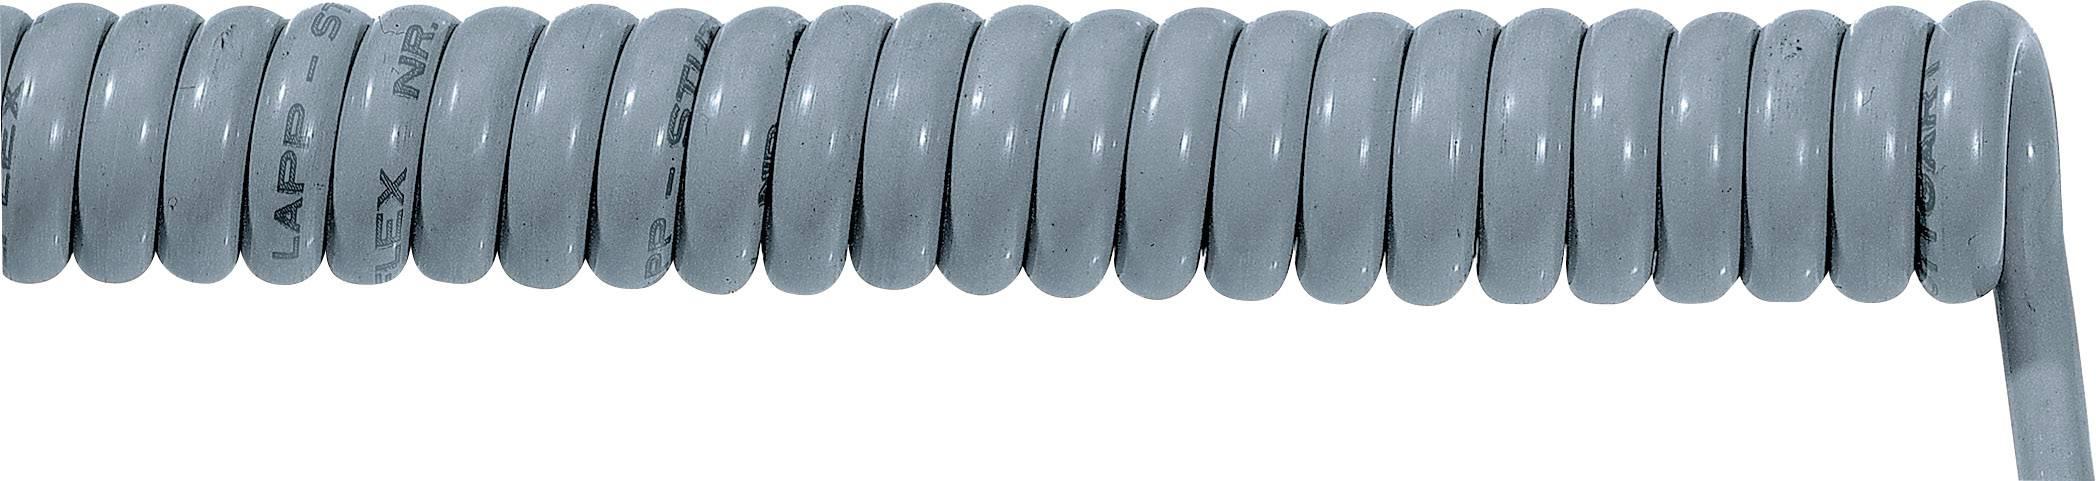 Špirálový kábel 70002699 ÖLFLEX® SPIRAL 400 P 5 x 1.50 mm², 500 mm / 1500 mm, sivá